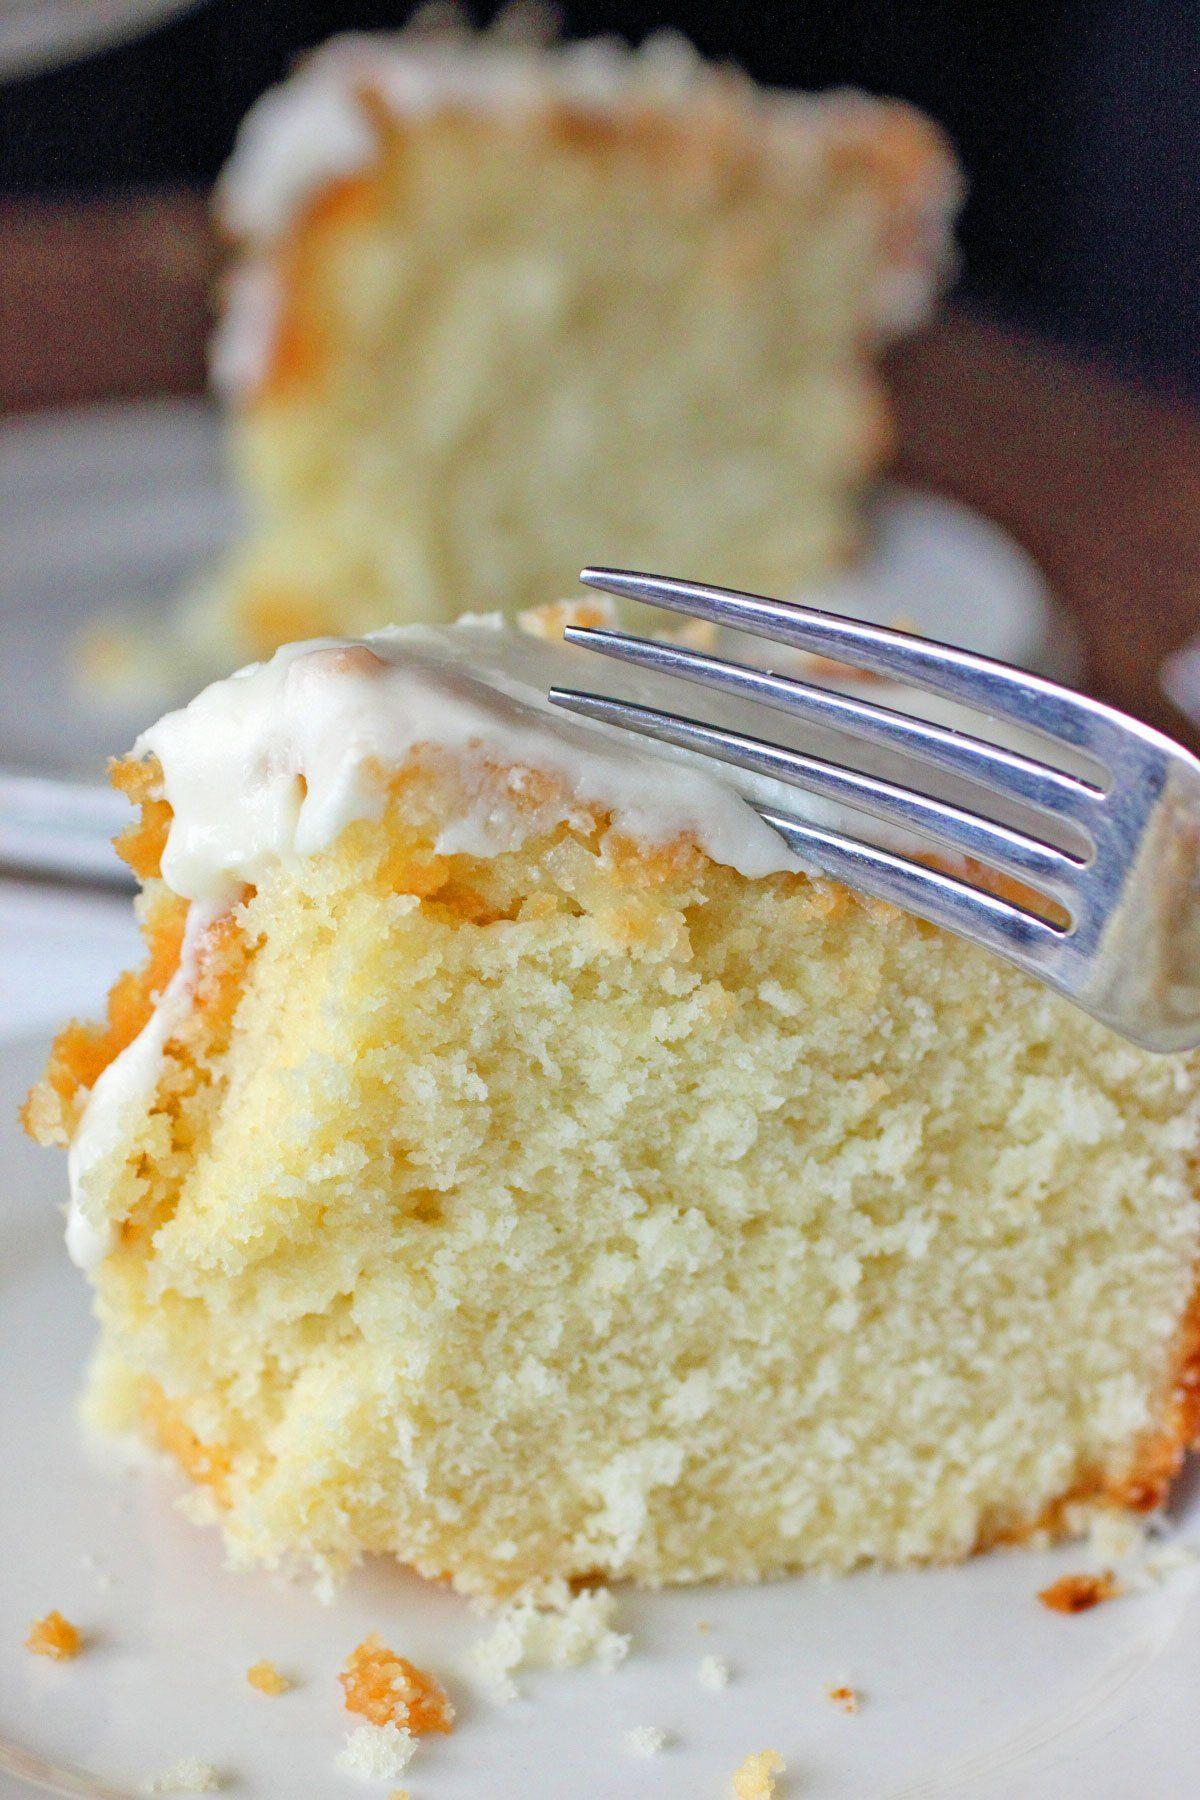 Louisiana crunch cake recipe louisiana crunch cake